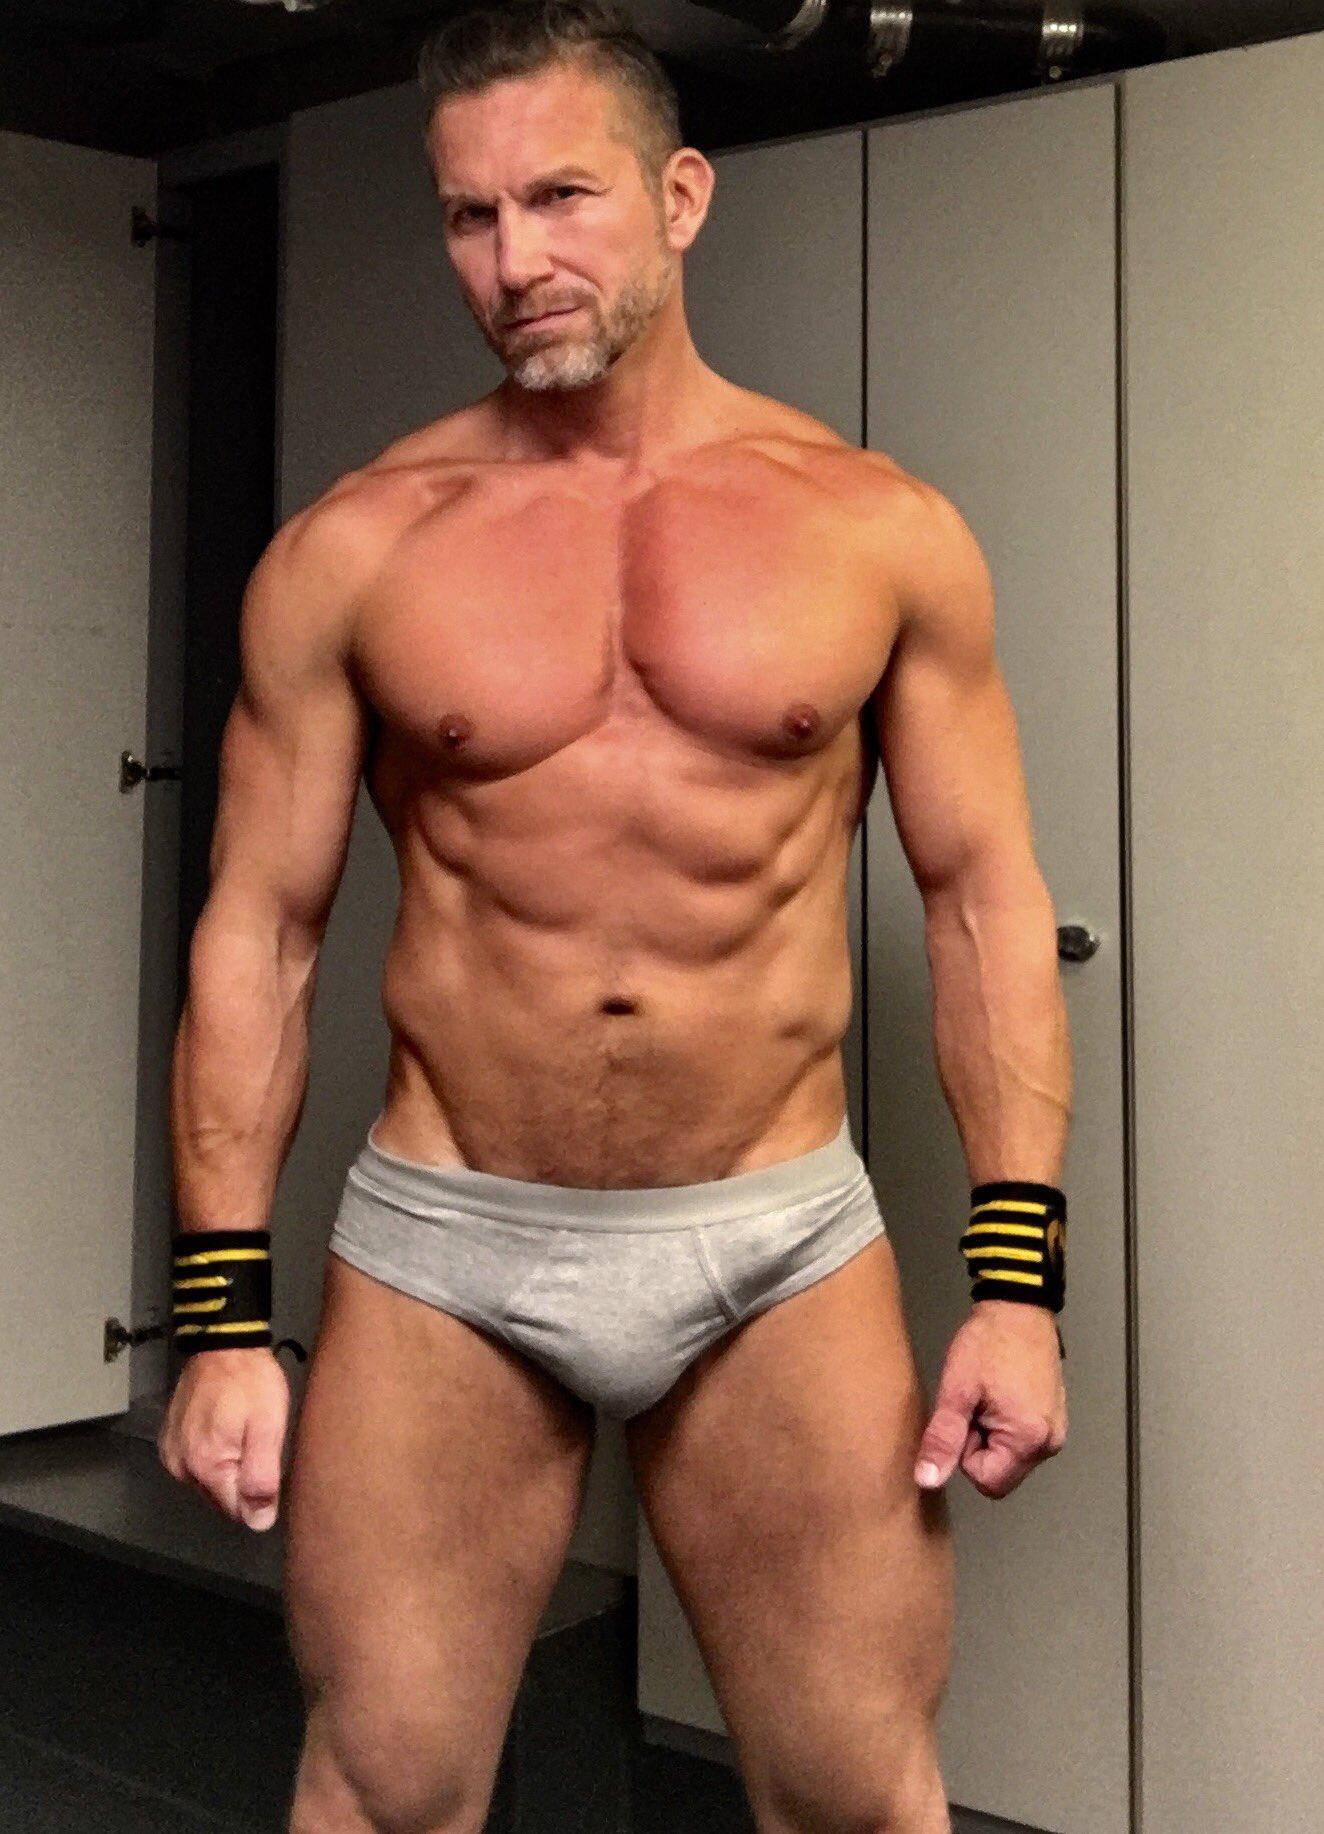 Gym done @LucasEnt @QueerMeNow @tomasbrandfans @AngeloDiLuca1 https://t.co/RTU7juVLPK